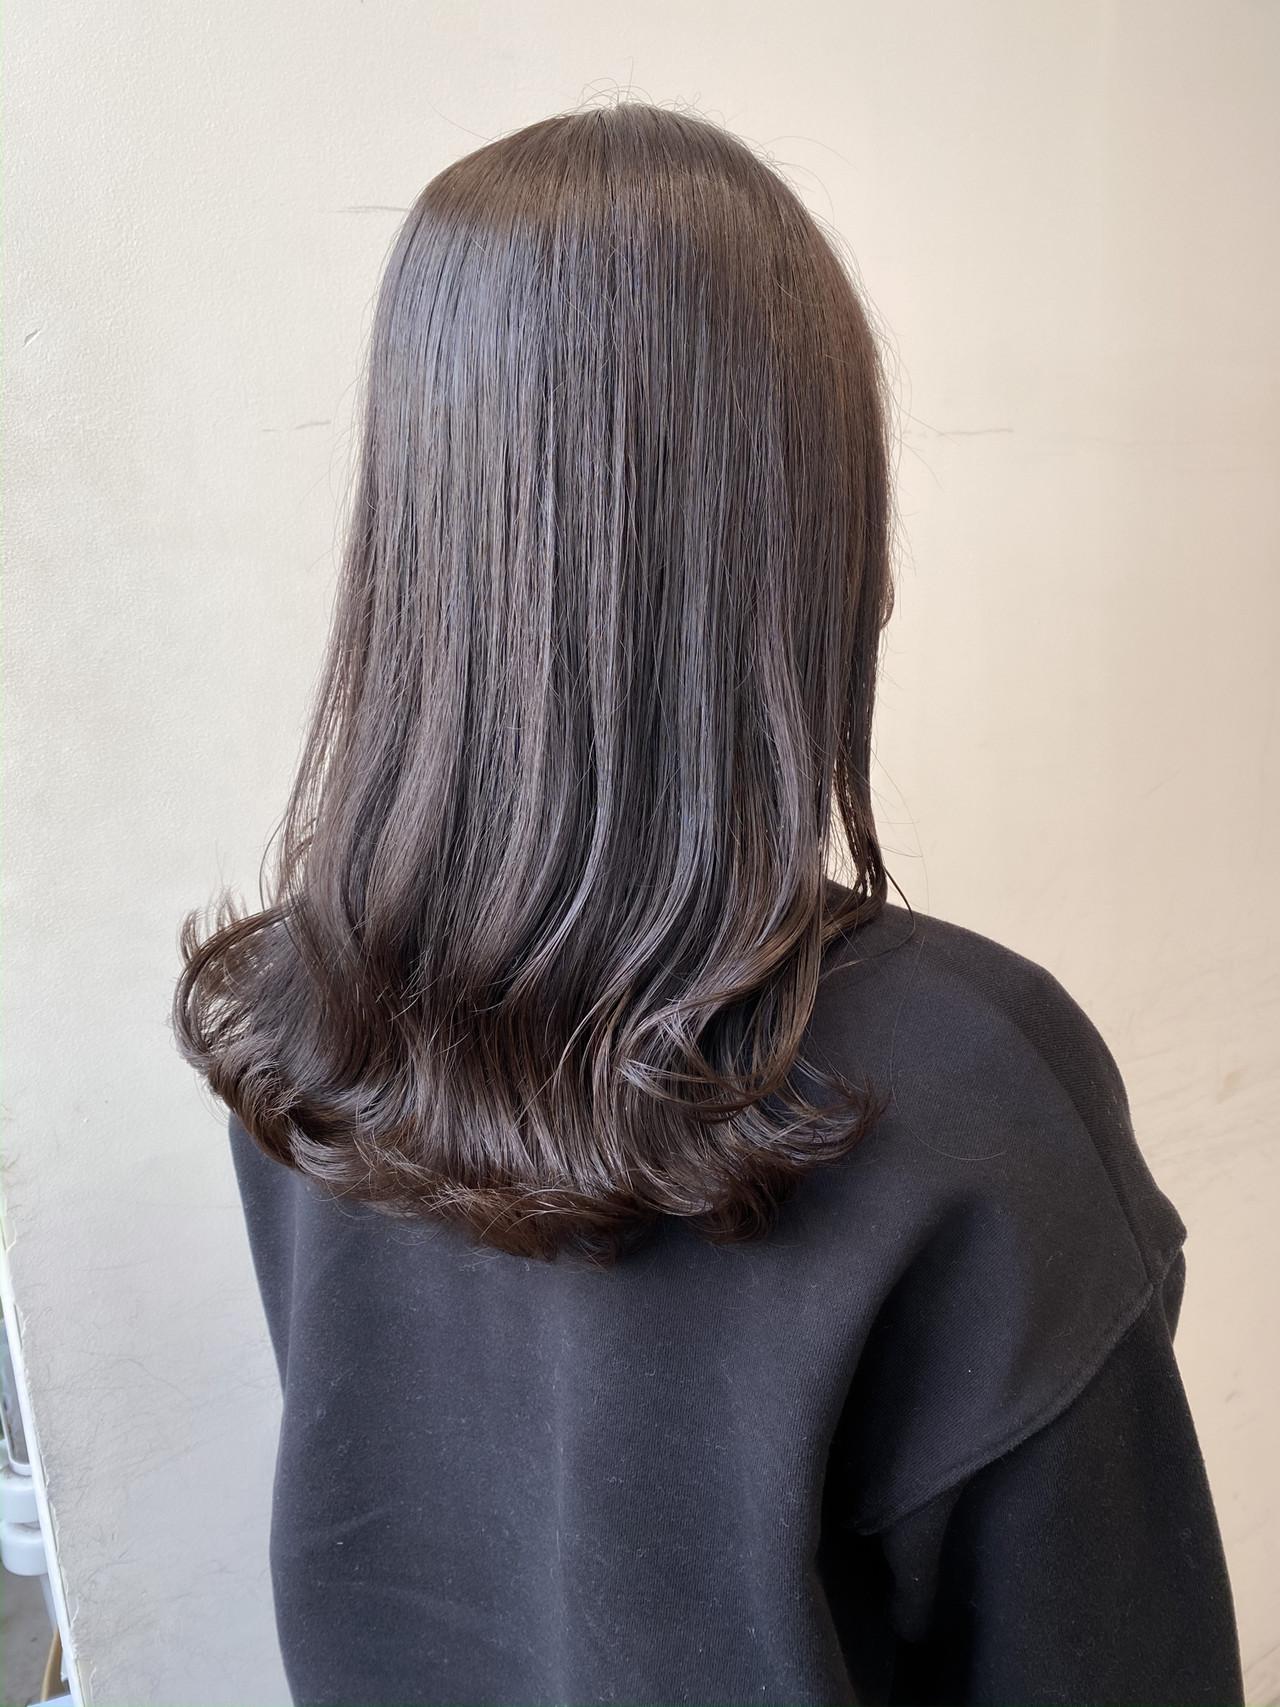 ミルクティーベージュ フェミニン ブリーチなし 暗髪女子 ヘアスタイルや髪型の写真・画像